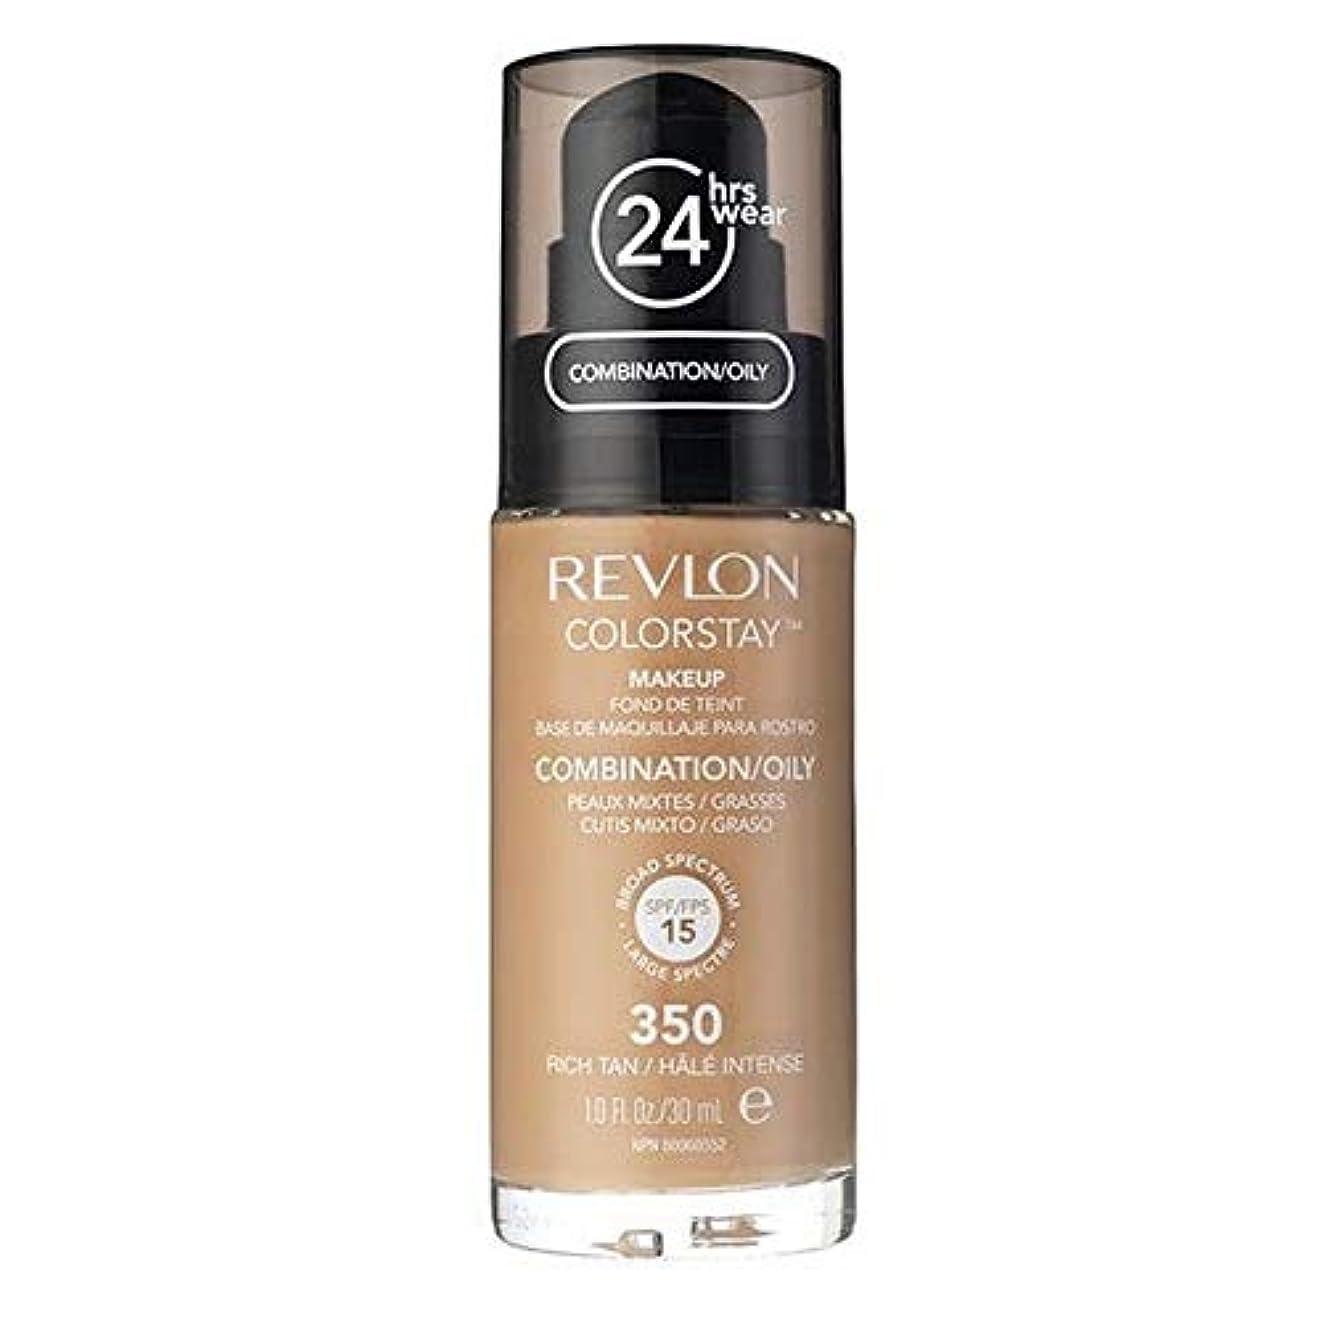 証言拡張市長[Revlon ] レブロンカラーステイ基盤コンビ/油性豊かな日焼け30ミリリットル - Revlon Color Stay Foundation Combi/Oily Rich Tan 30ml [並行輸入品]